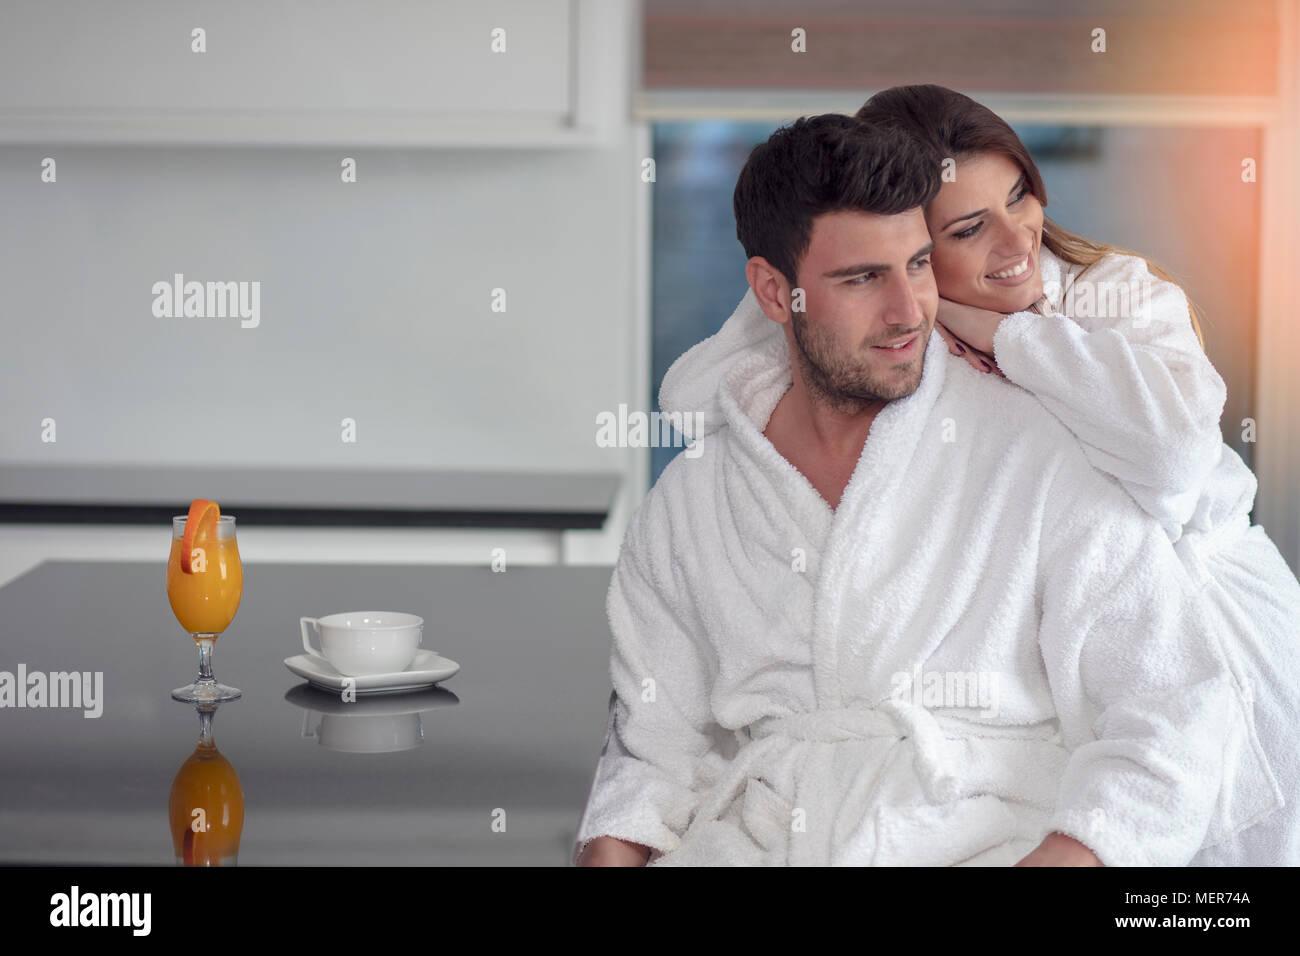 Porträt eines Mannes und seiner Frau in der Küche beim Frühstück Stockbild